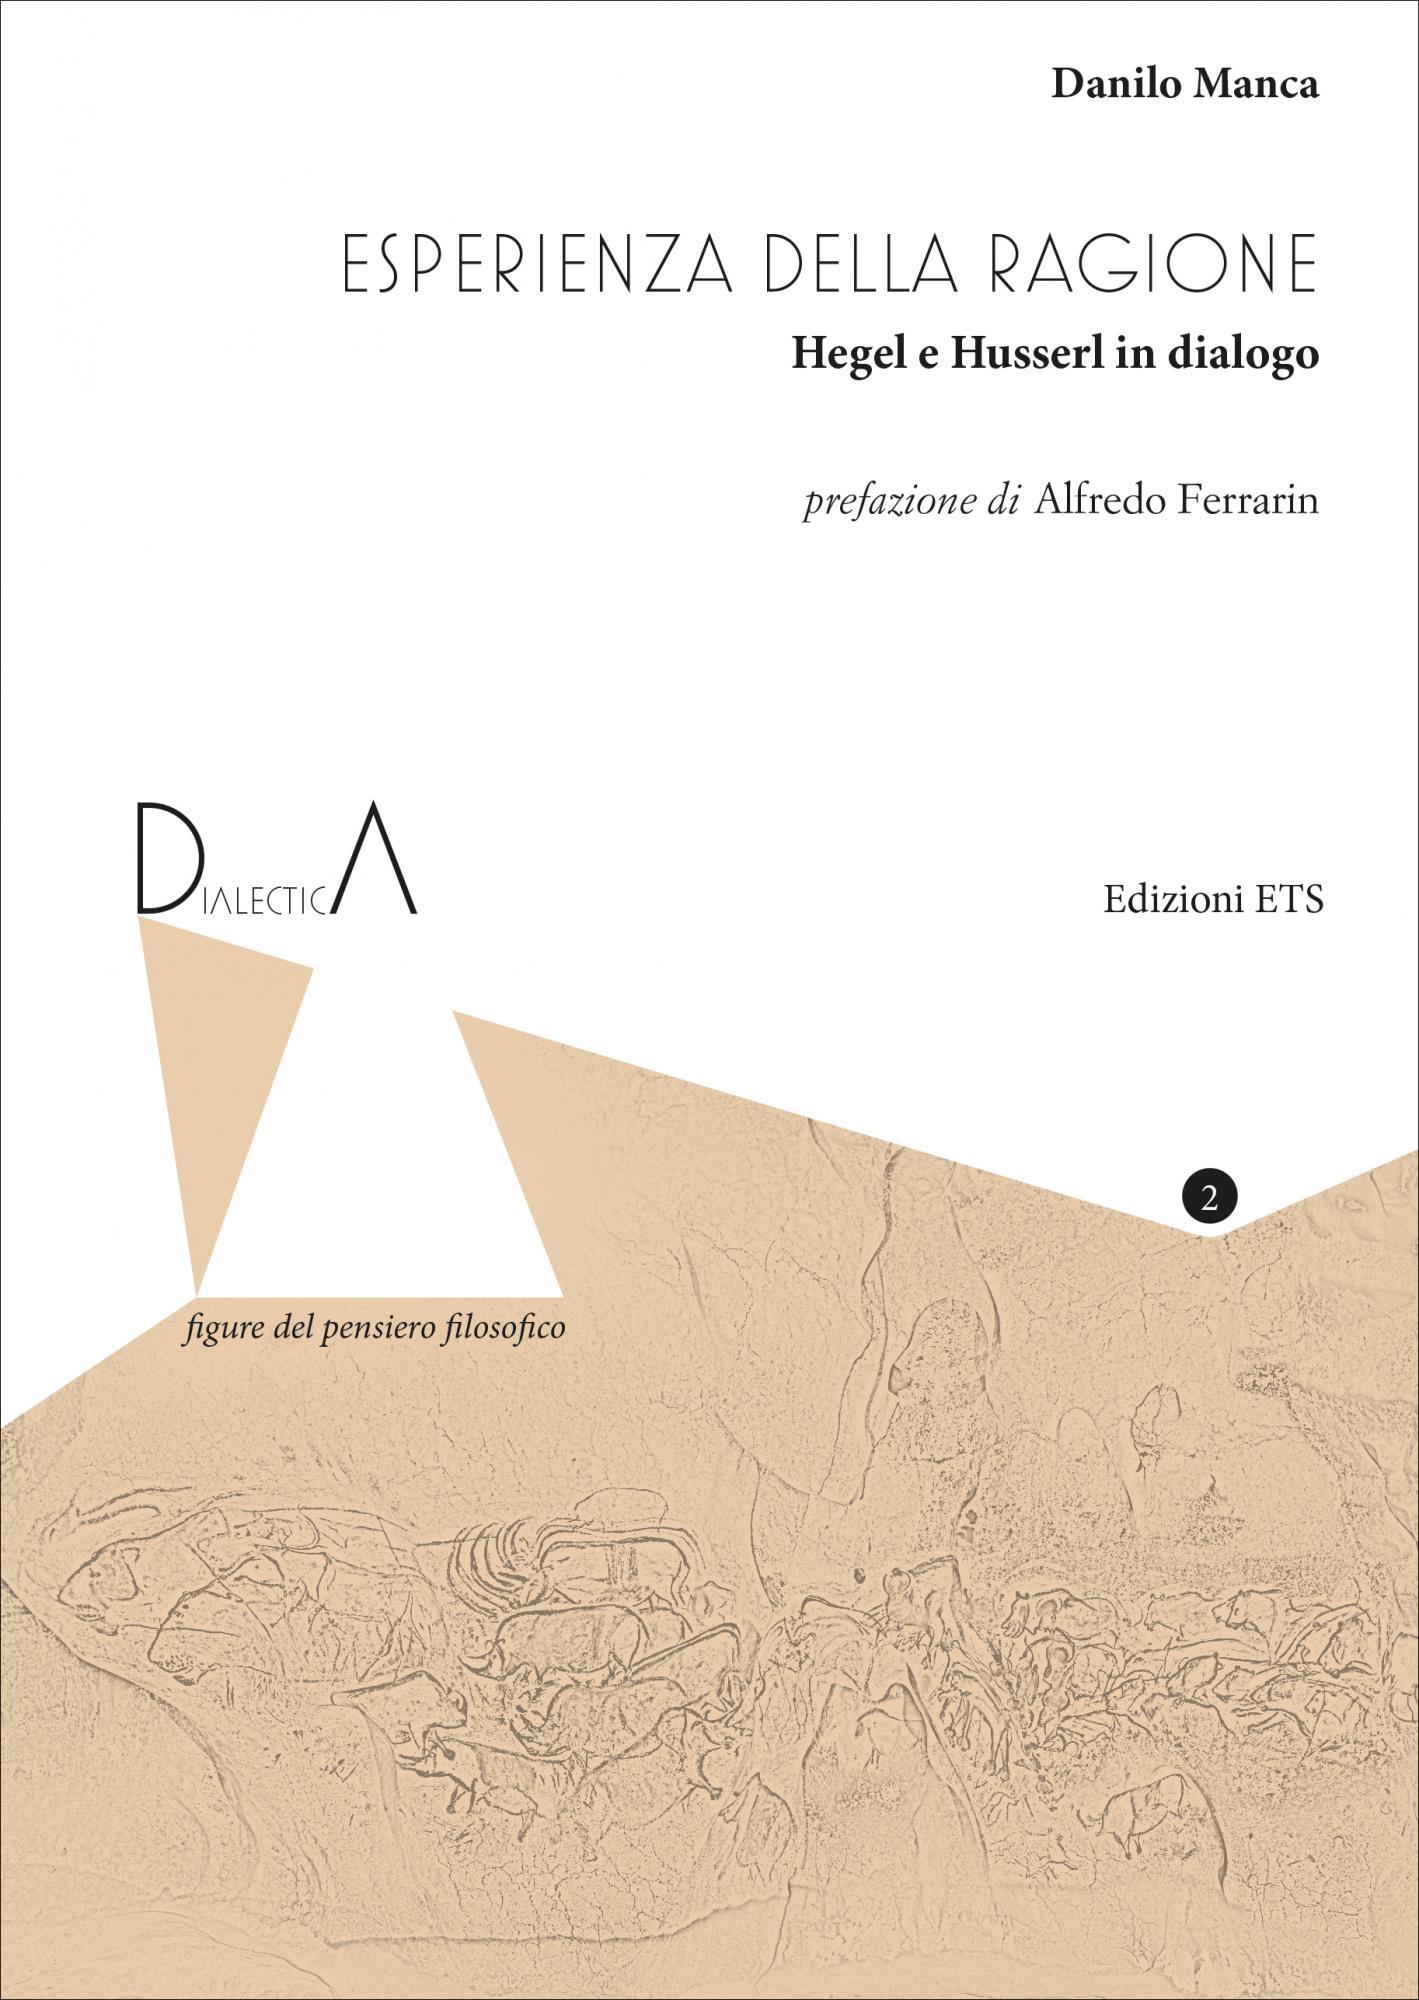 Esperienza della ragione.Hegel e Husserl in dialogo